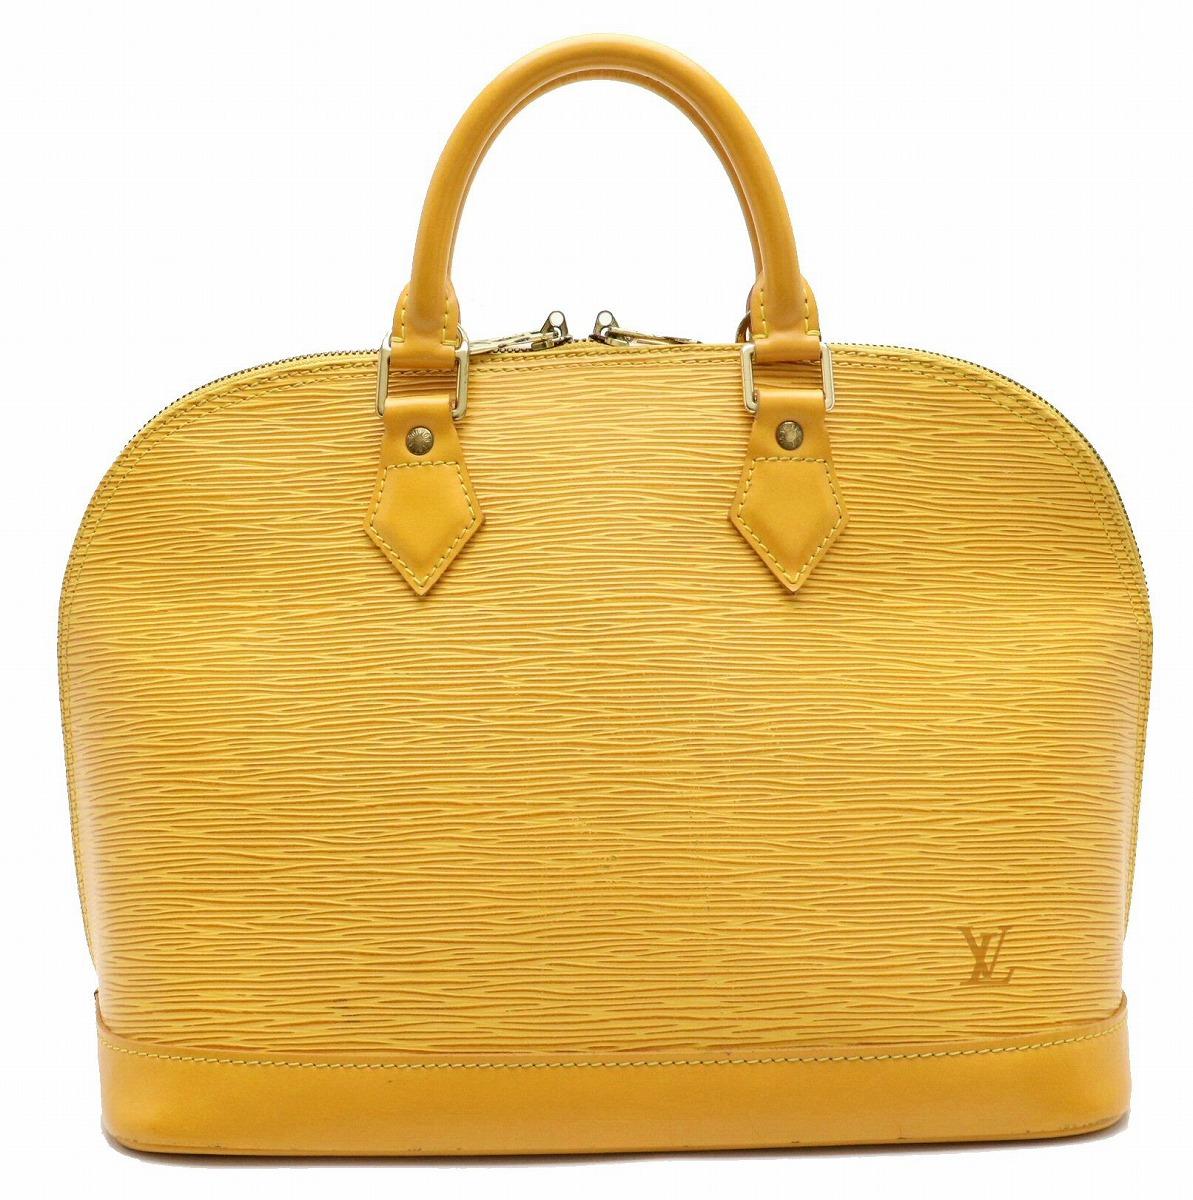 【バッグ】LOUIS VUITTON ルイ ヴィトン エピ アルマ ハンドバッグ 黄色 タッシリイエロー M52149 【中古】